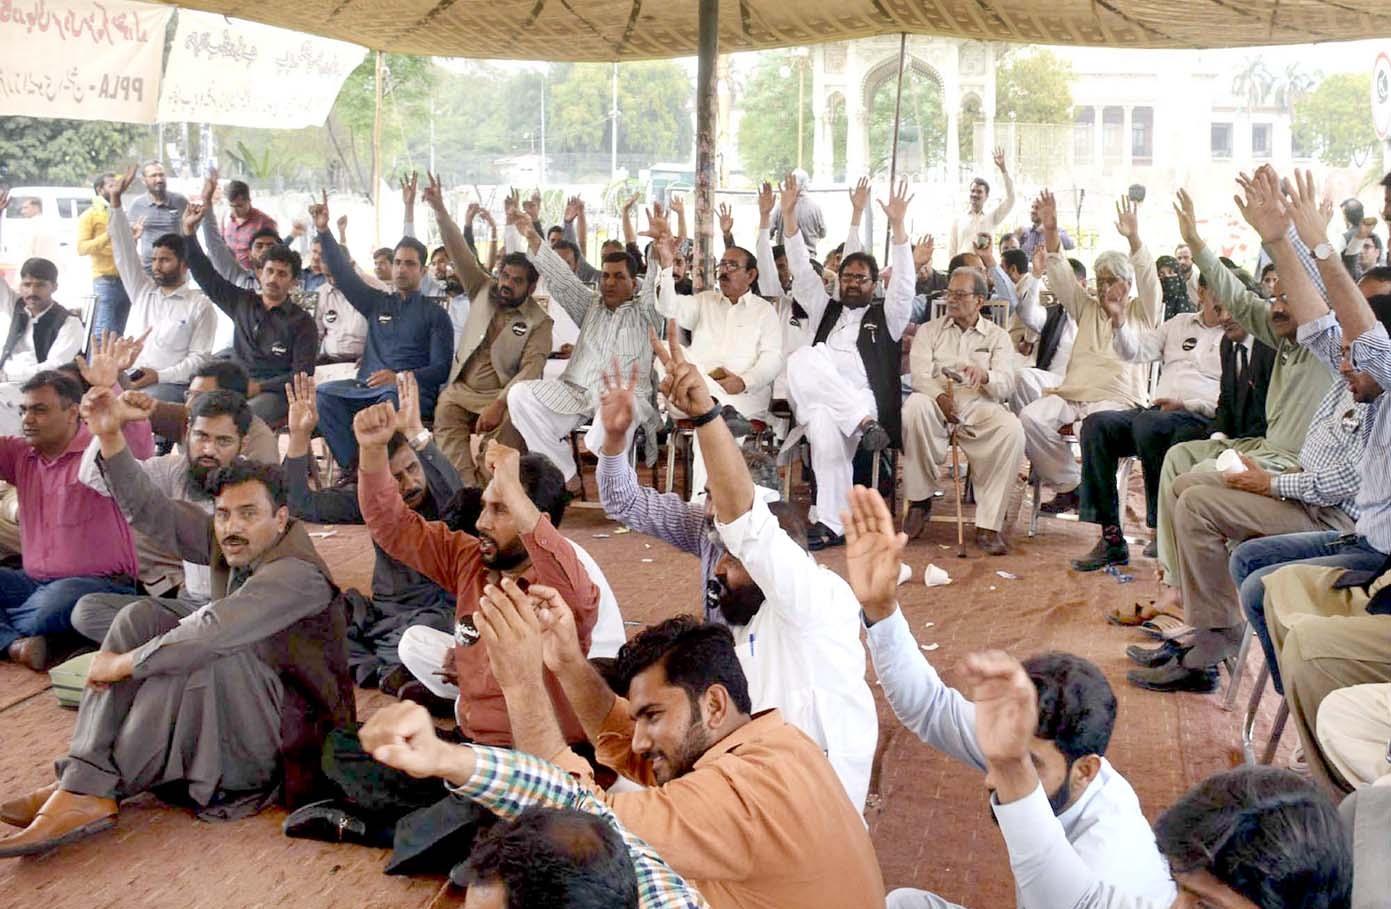 لاہور،پنجاب پروفیسرز لٹریچر ایسوسی ایشن کے تحت مطالبات کی عد م منظوری کیخلاف فیصل چوک پر دھرنا دیا جارہا ہے